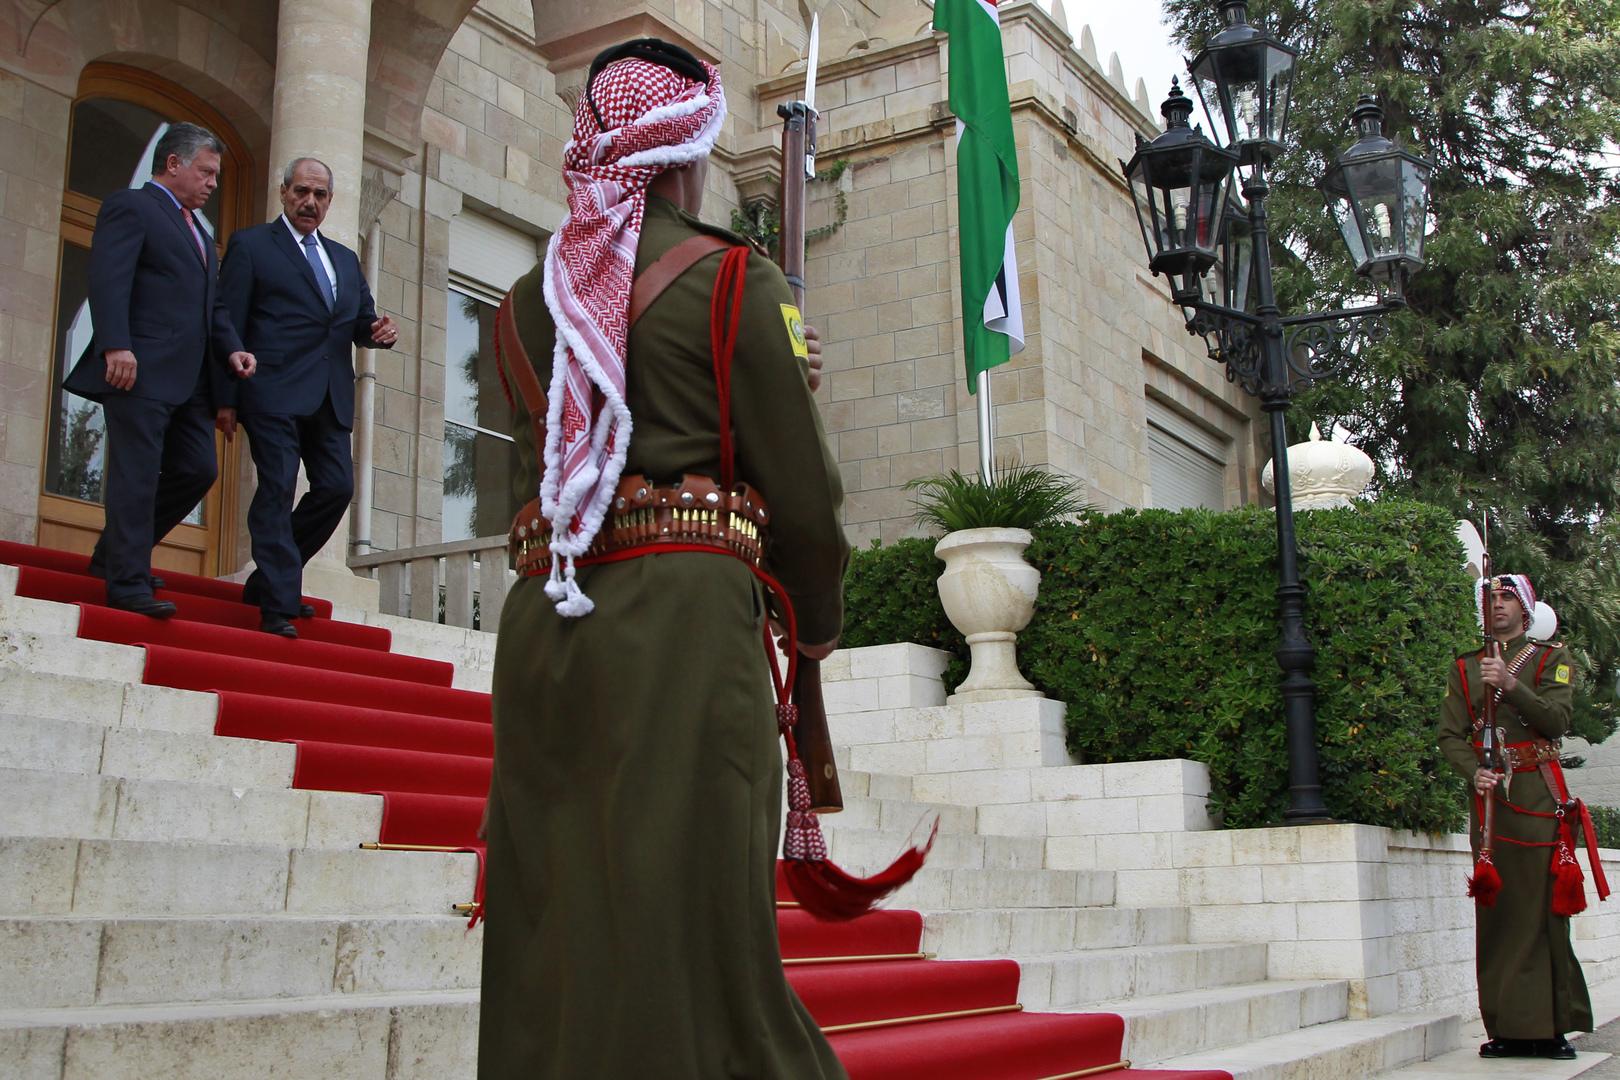 الملك الأردني عبد الله وفايز الطراونة، أرشيف